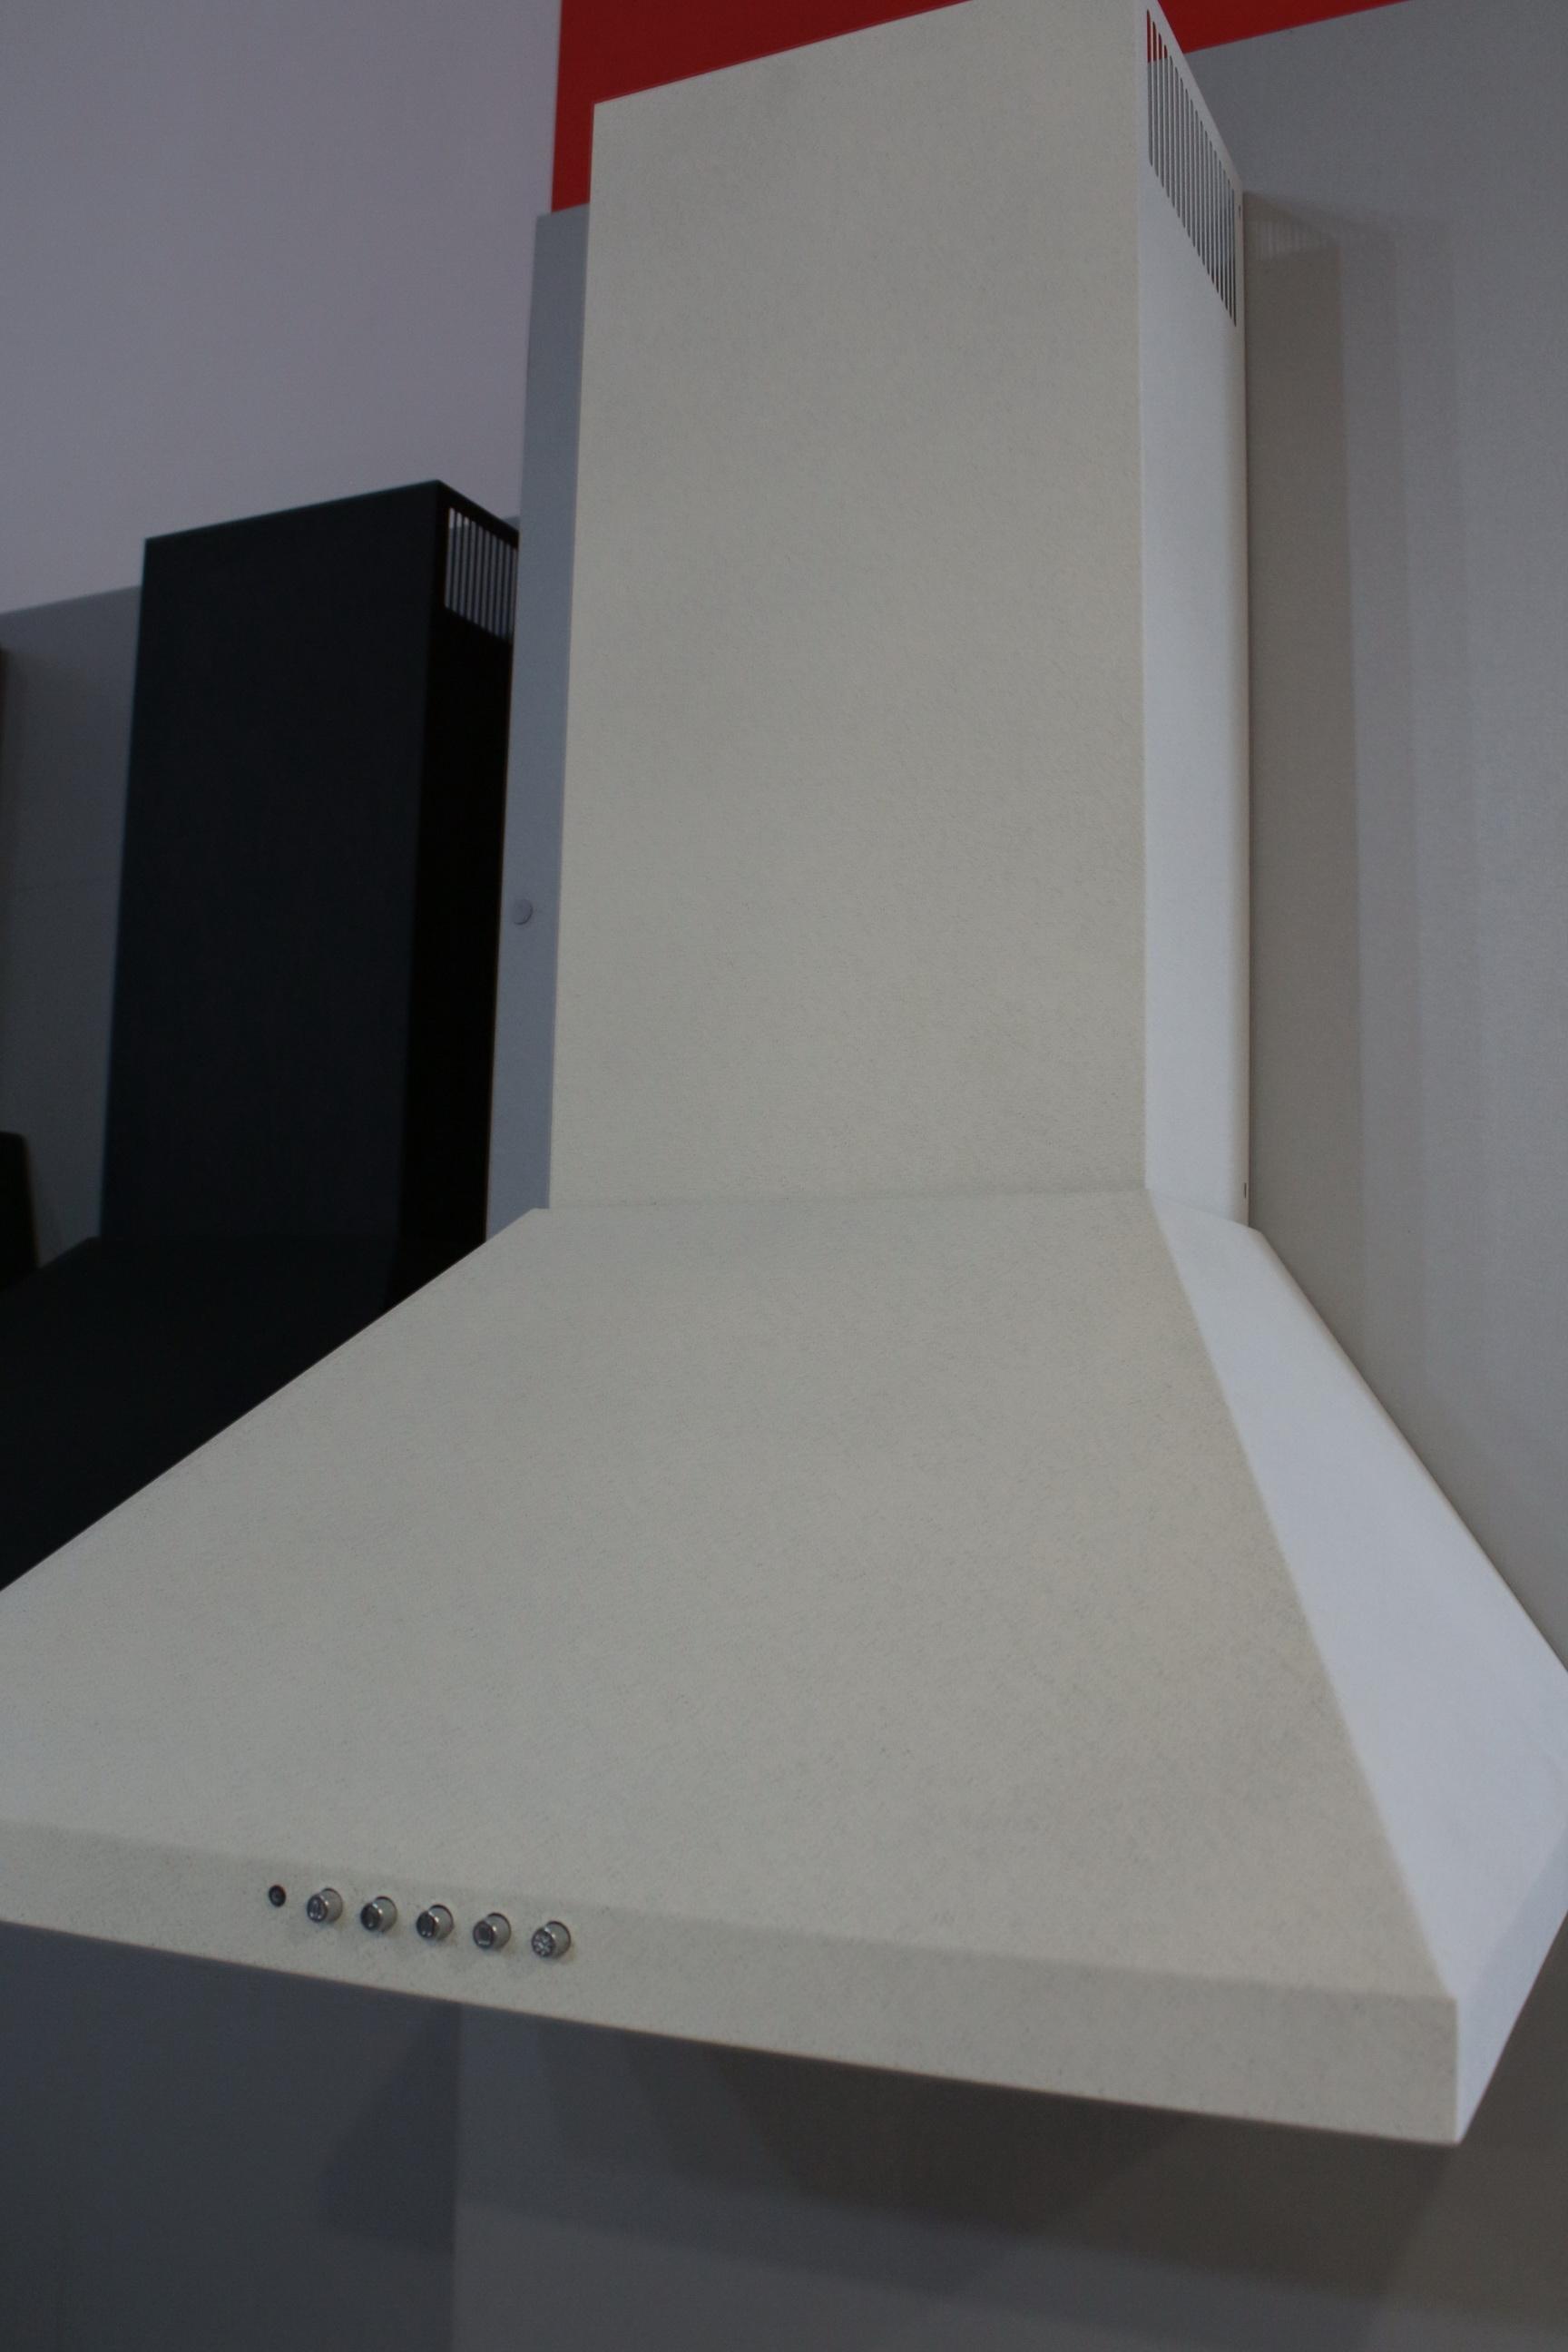 TELMA PC260